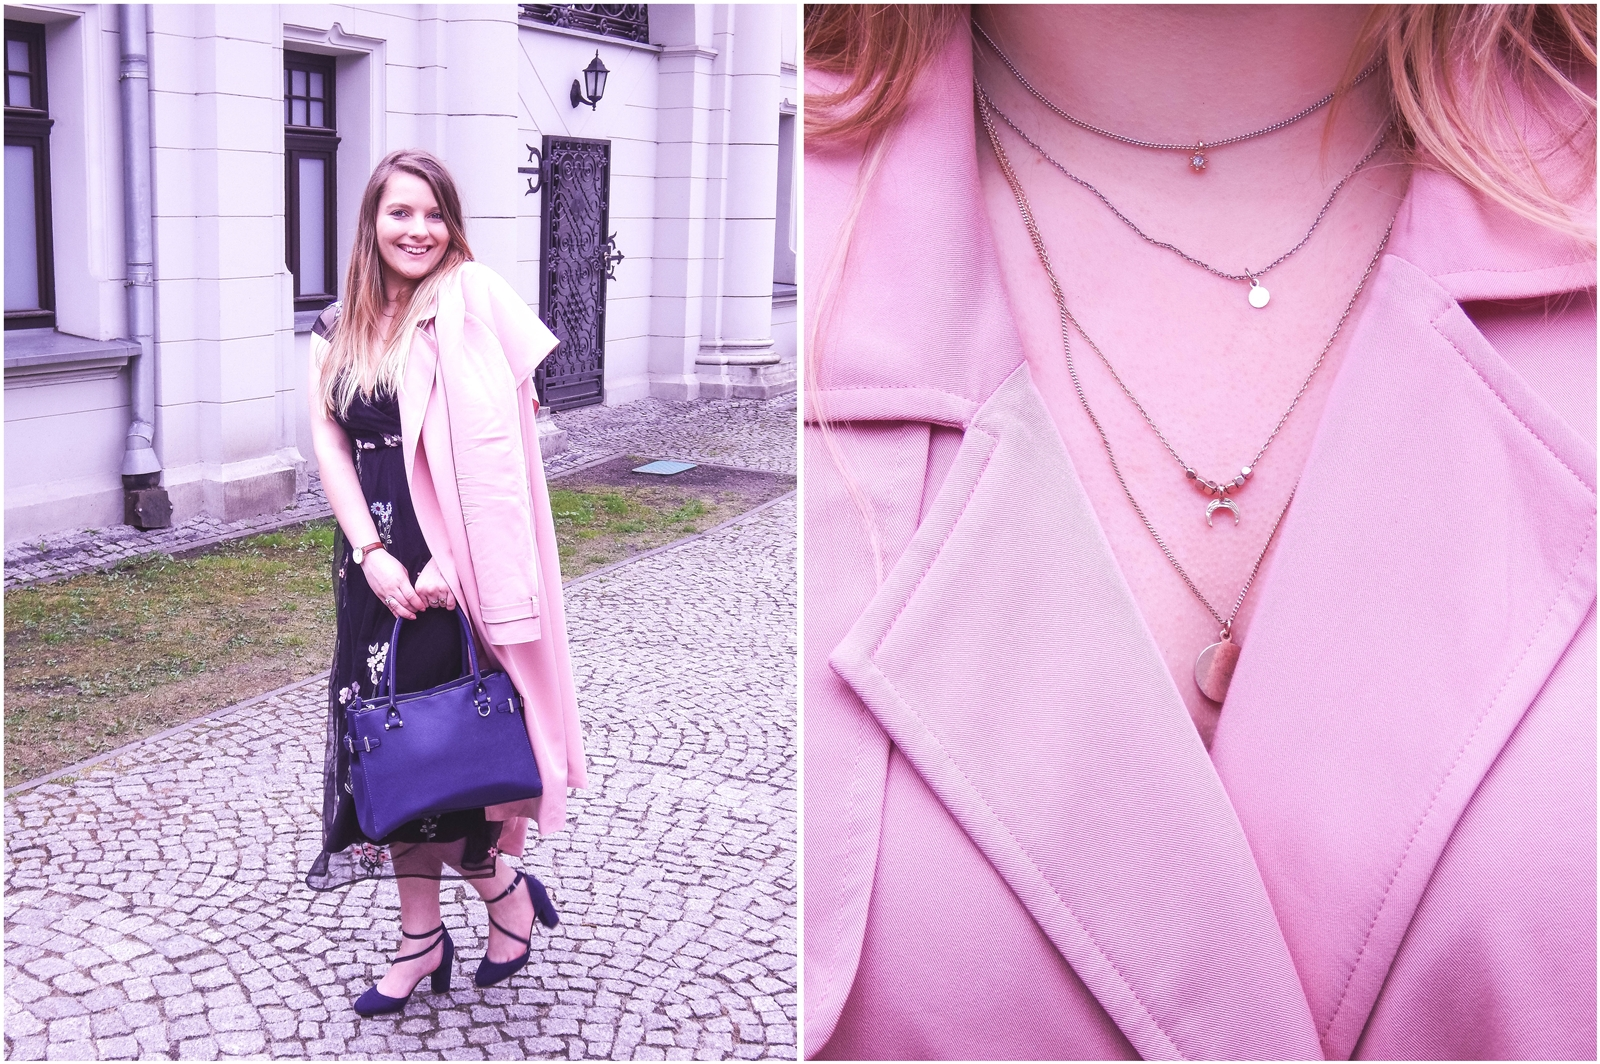 7a orsay trendy wiosna 2018 nowa kolekcja moda fashion blog blogerki modowe łódź z łodzi łódzkie melodylaniella fashion instagram sukienka na wesele różowy płaszcz granatowe pantofle duża torba